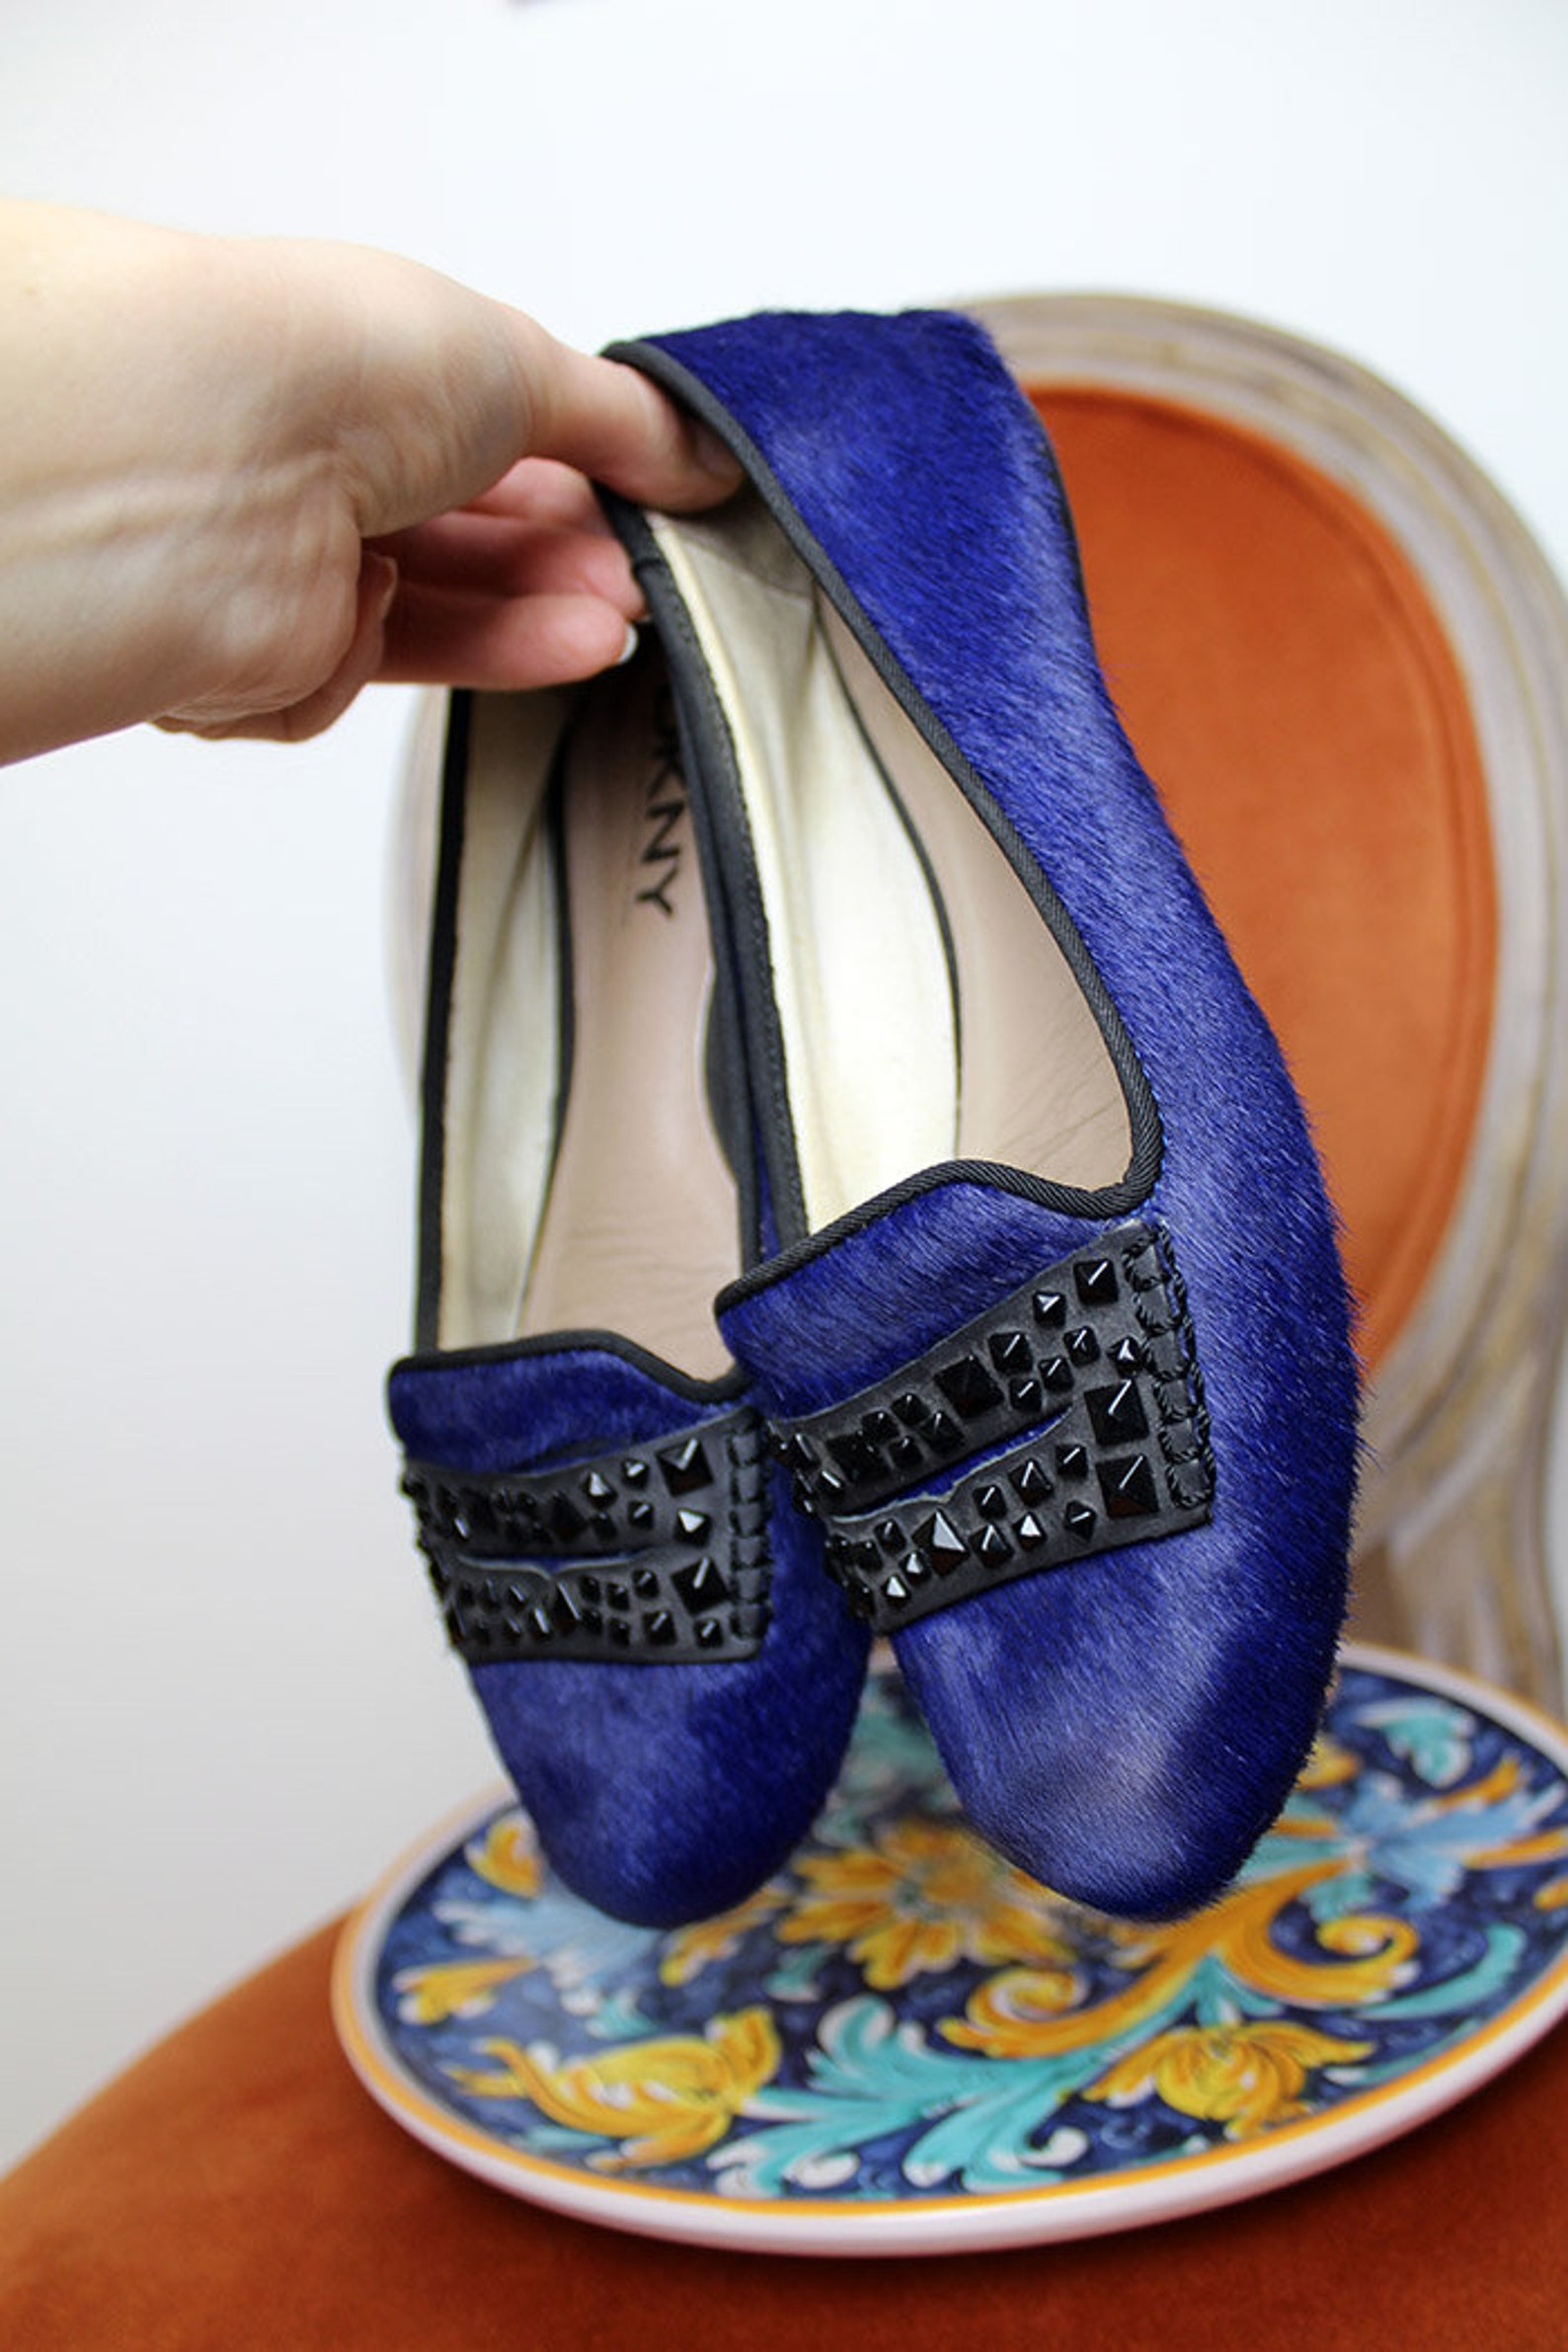 90s dkny designer flats/pony skin royal blue ballet flat shoes/embellished black studded flats/furry cowhide slip on unique mocc